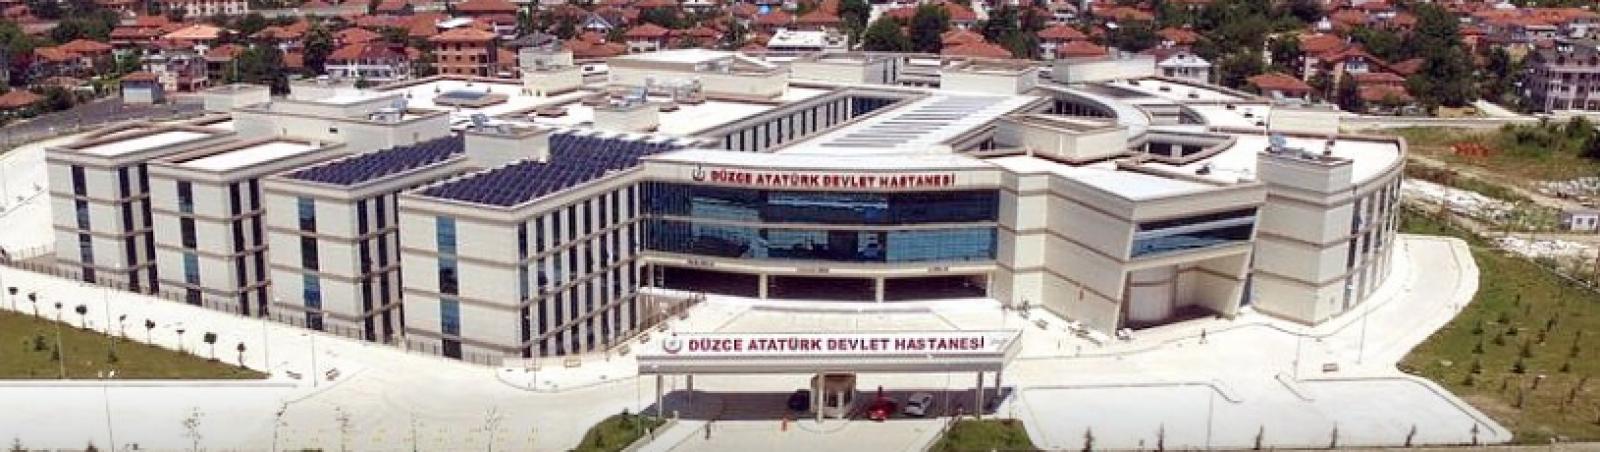 Düzce 300 Yataklı Devlet Hastanesi